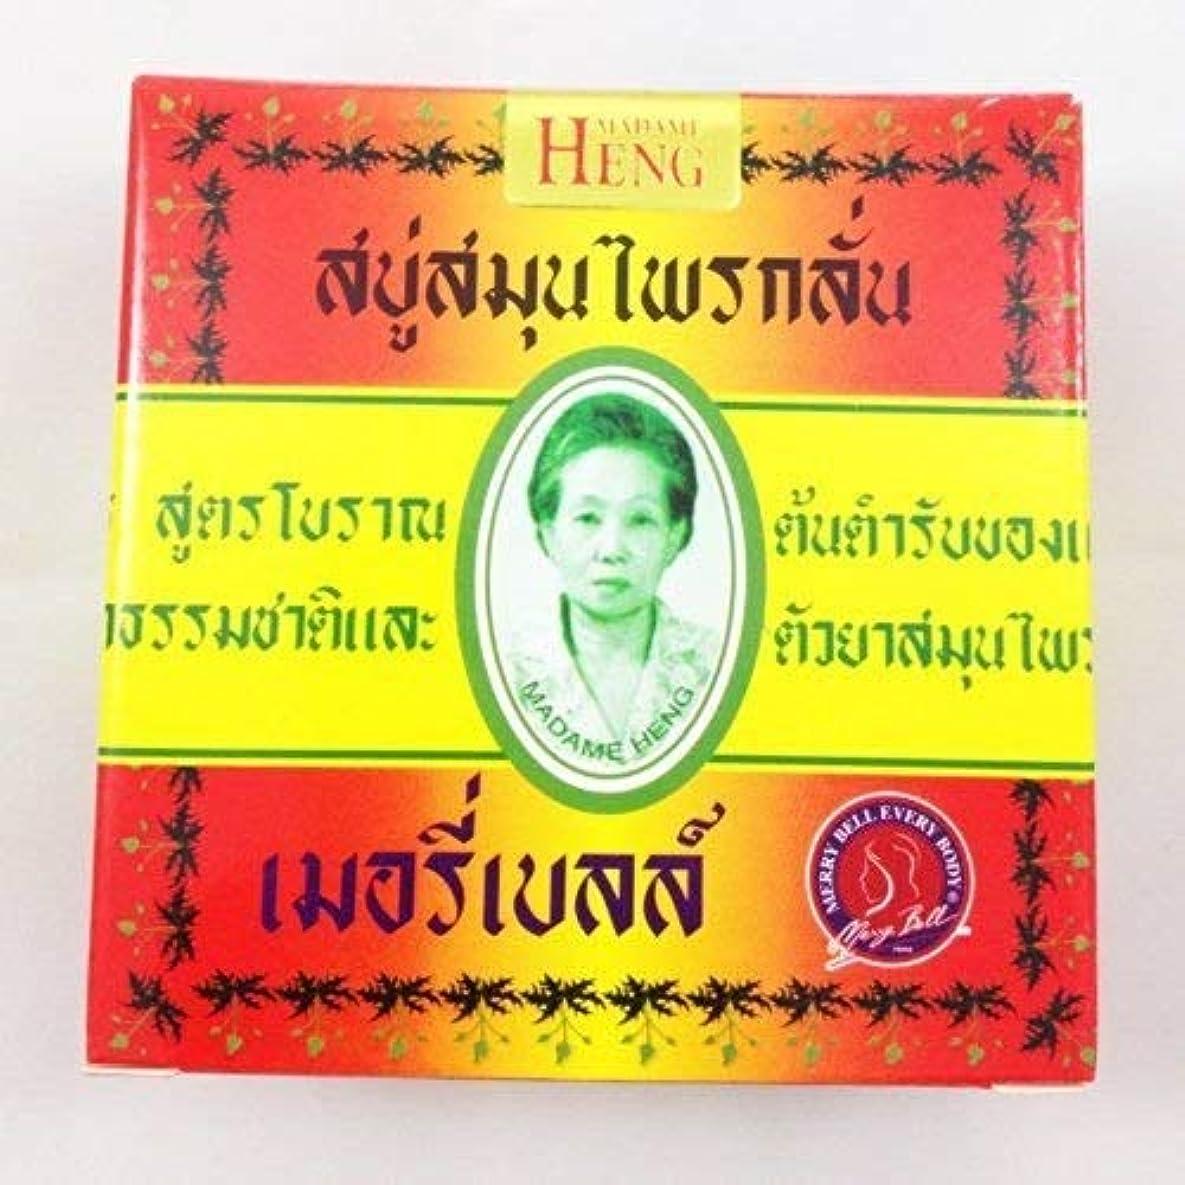 財団パトロール広がりMadame Heng Thai Original Natural Herbal Soap Bar Made in Thailand 160gx2pcs by Ni Yom Thai shop